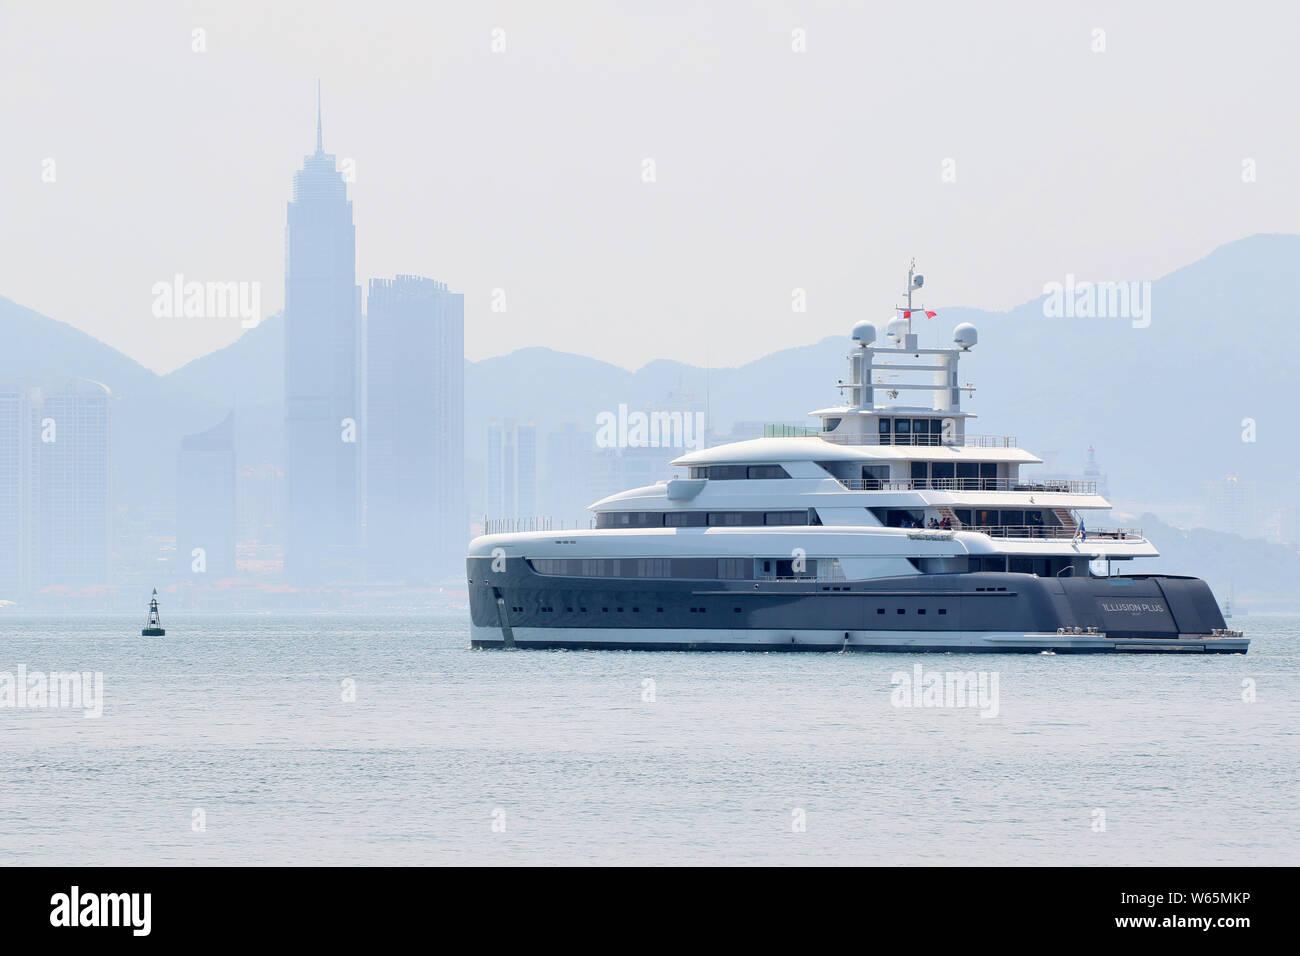 Mega Yachts Stock Photos & Mega Yachts Stock Images - Alamy